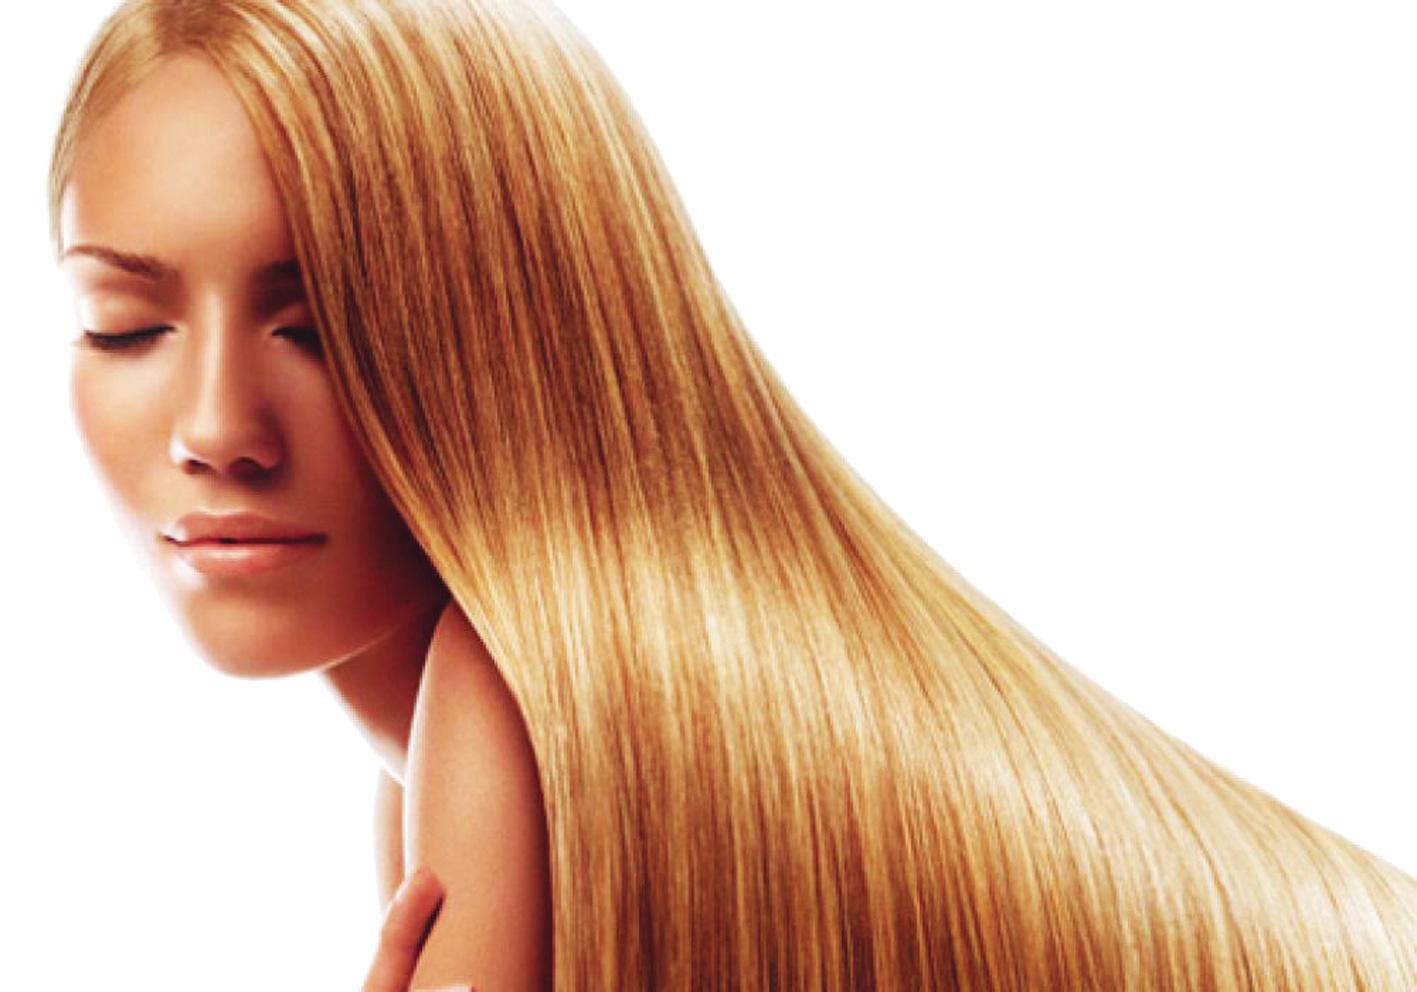 Сколько метров волосы у рапунцель